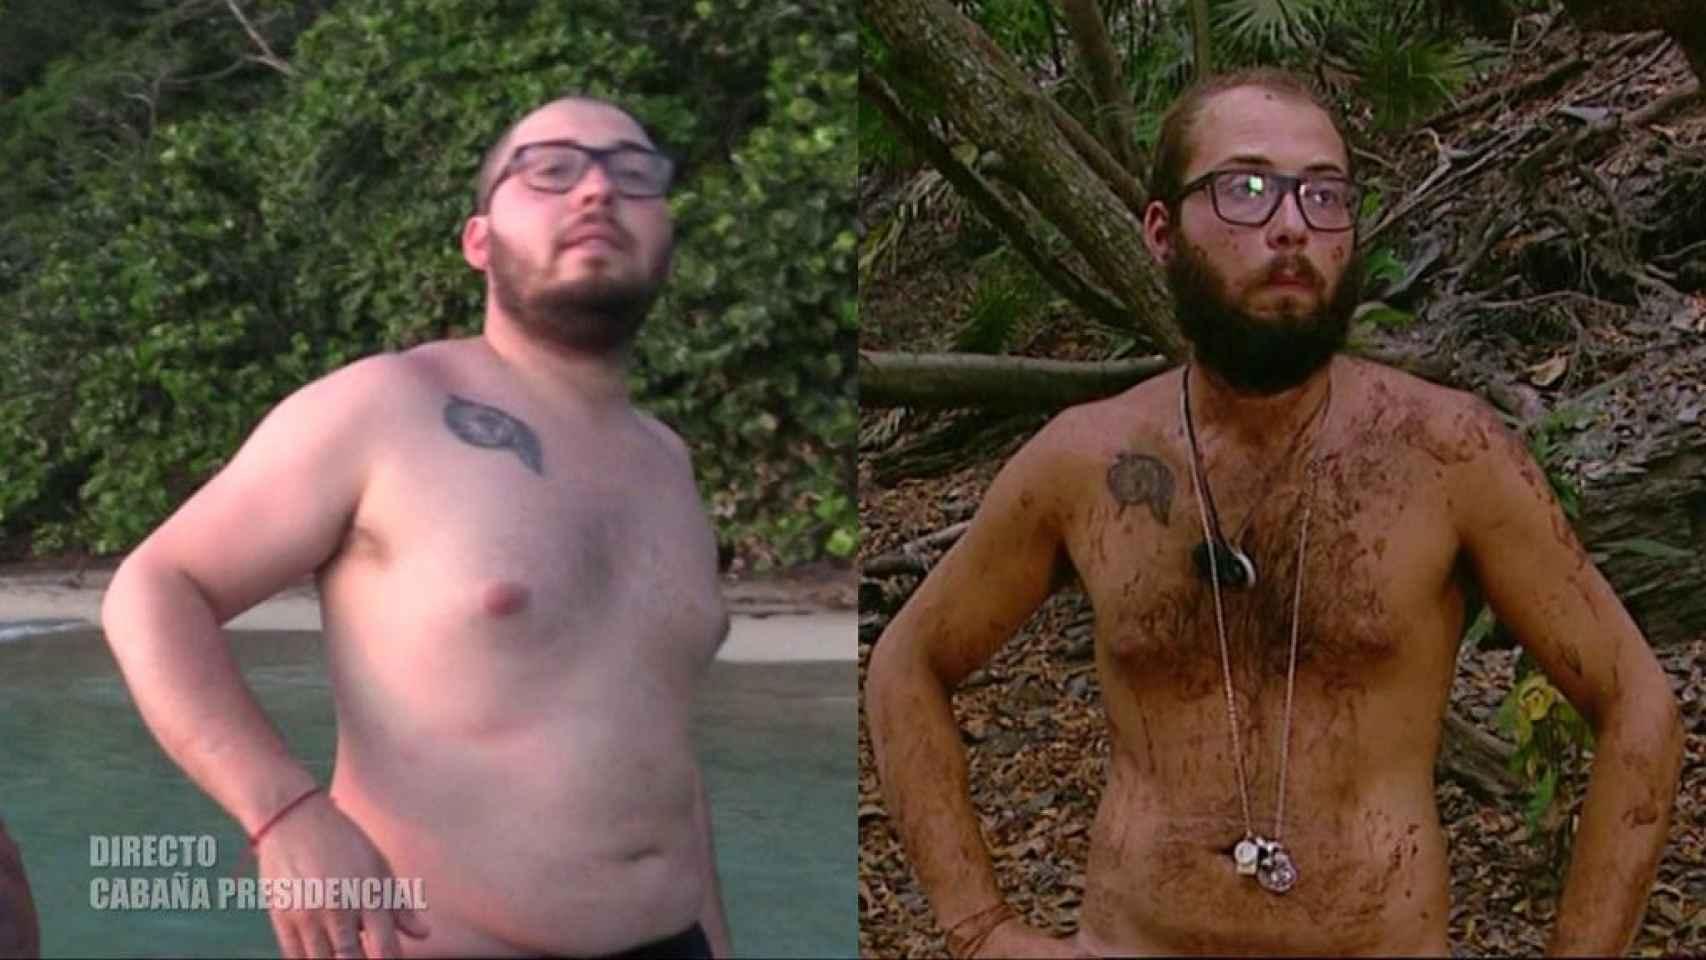 La transformación de Avilés es más que evidente tras perder 23 kilos.